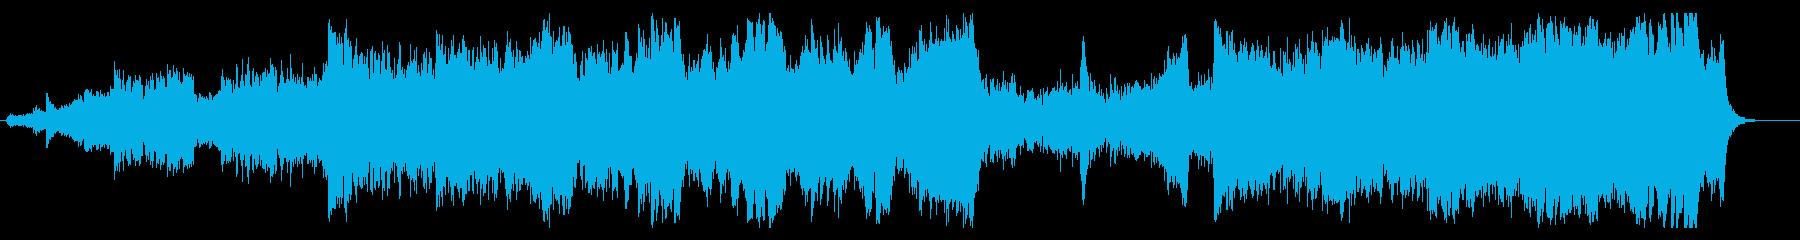 バトルアクションオーケストラの再生済みの波形